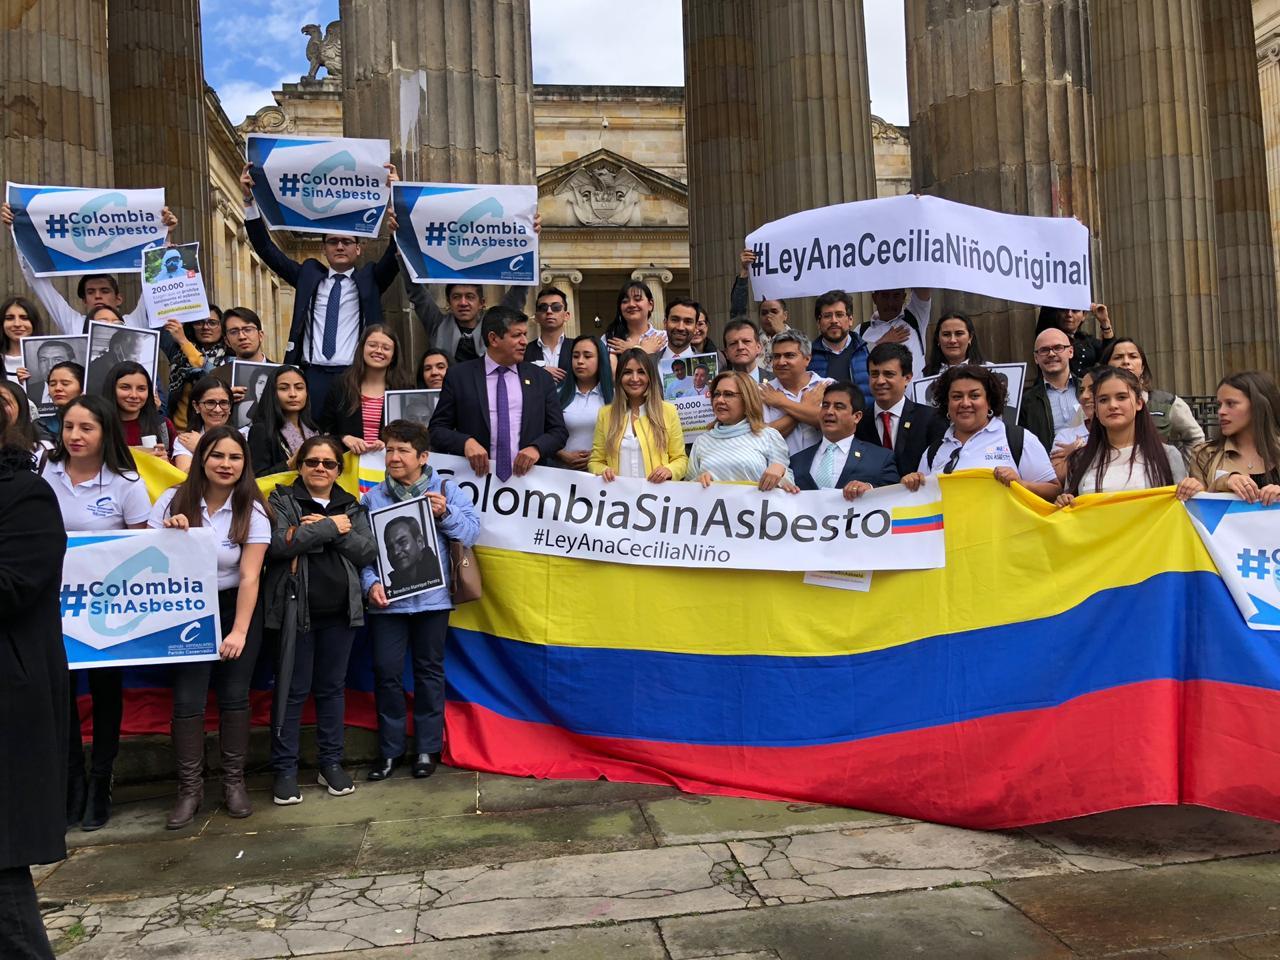 Histórica decisión: Colombia le dijo No al asbesto